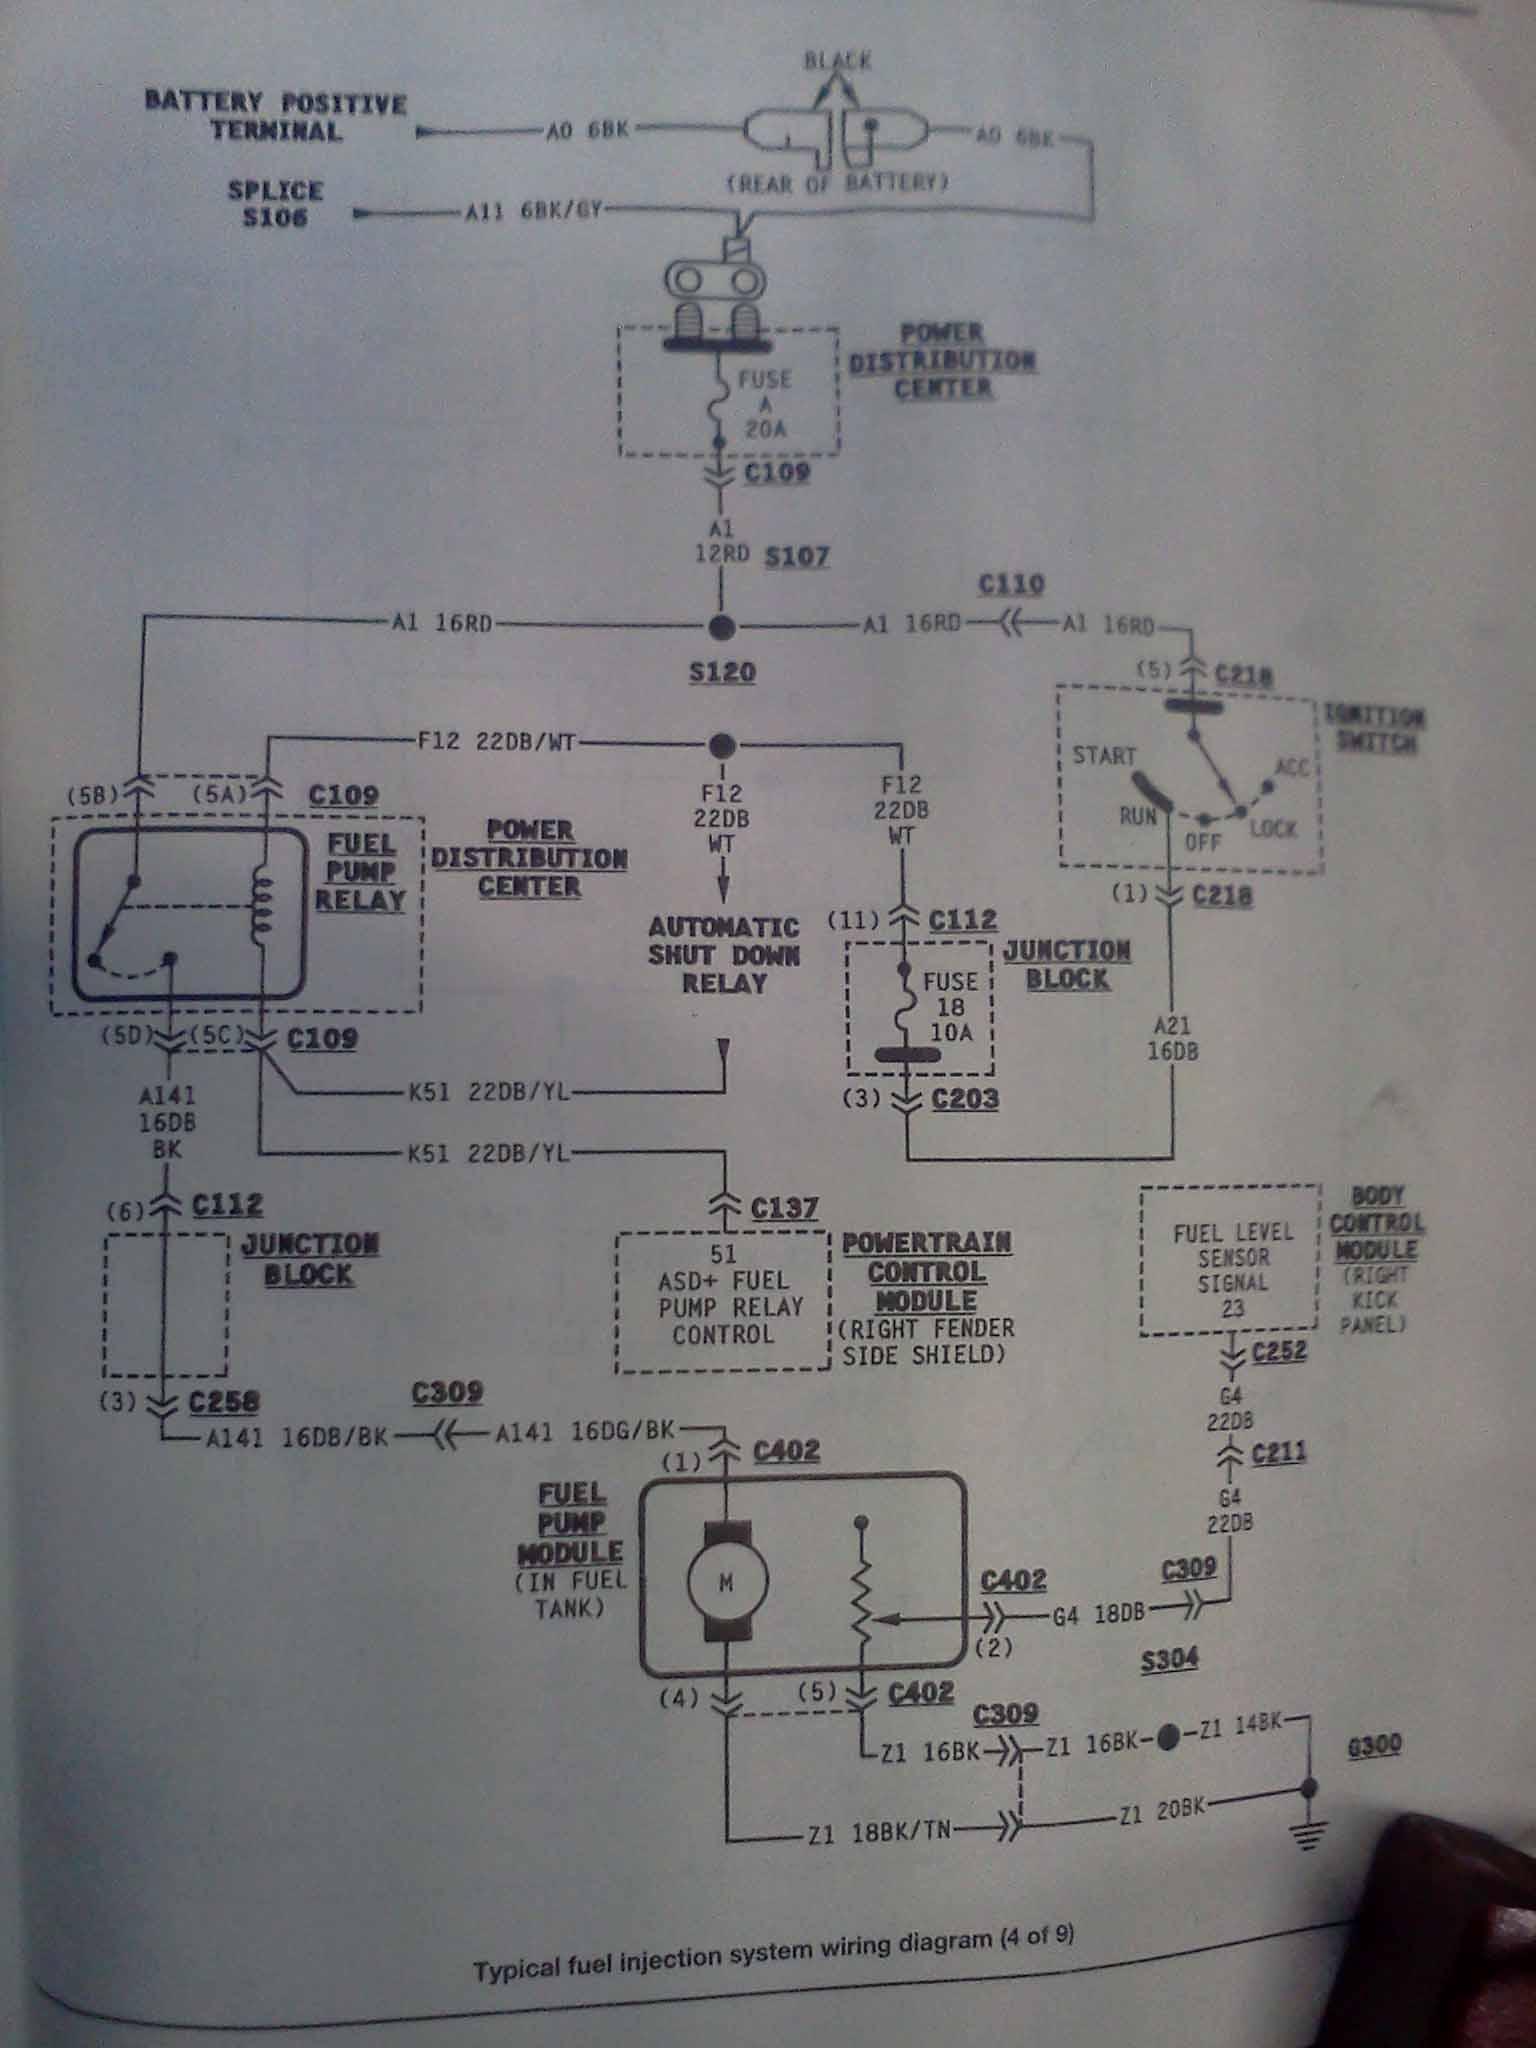 Wiring Diagram 1998 Chrysler Get Free Image About Wiring Diagram